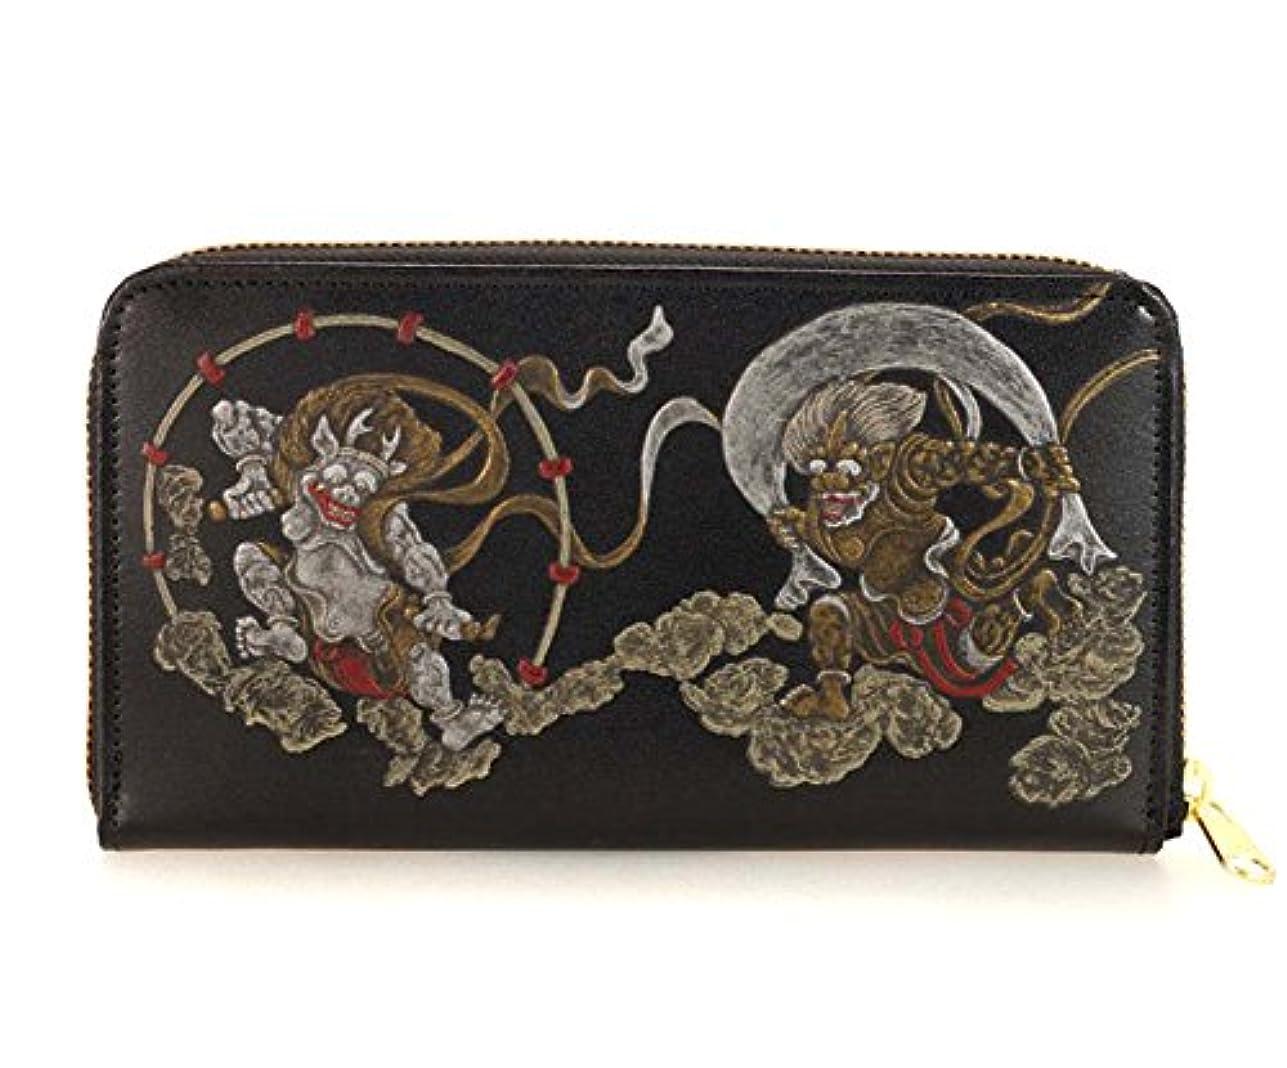 そうでなければ火森林和柄財布(わがらさいふ) 牛革 製 風神、雷神、(浮き押し) 小銭 入れ 付き ラウンドファスナー 財布 ブラック tk-002-01b